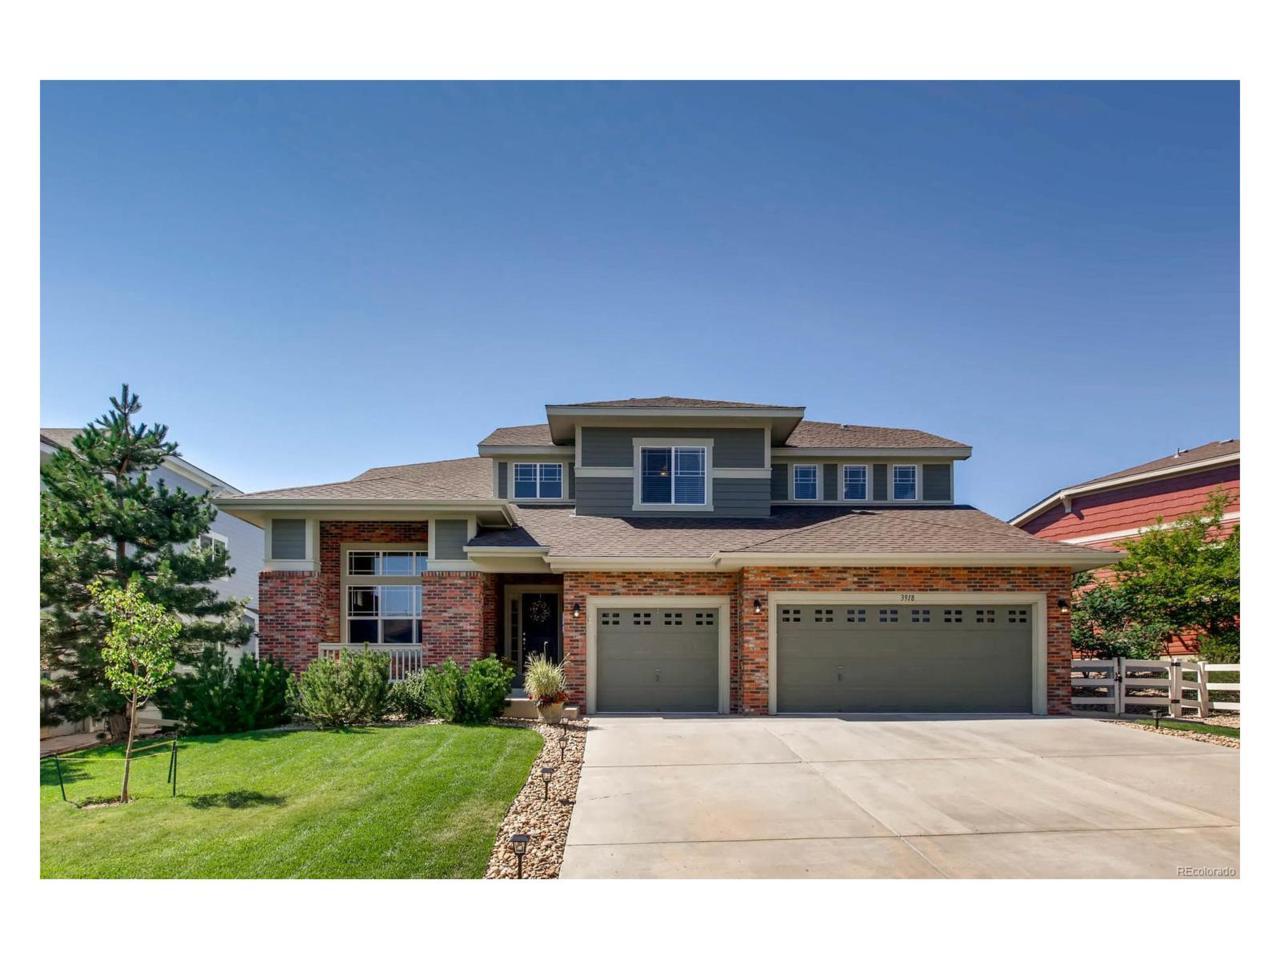 3918 Eagle Tail Lane, Castle Rock, CO 80104 (MLS #1968182) :: 8z Real Estate